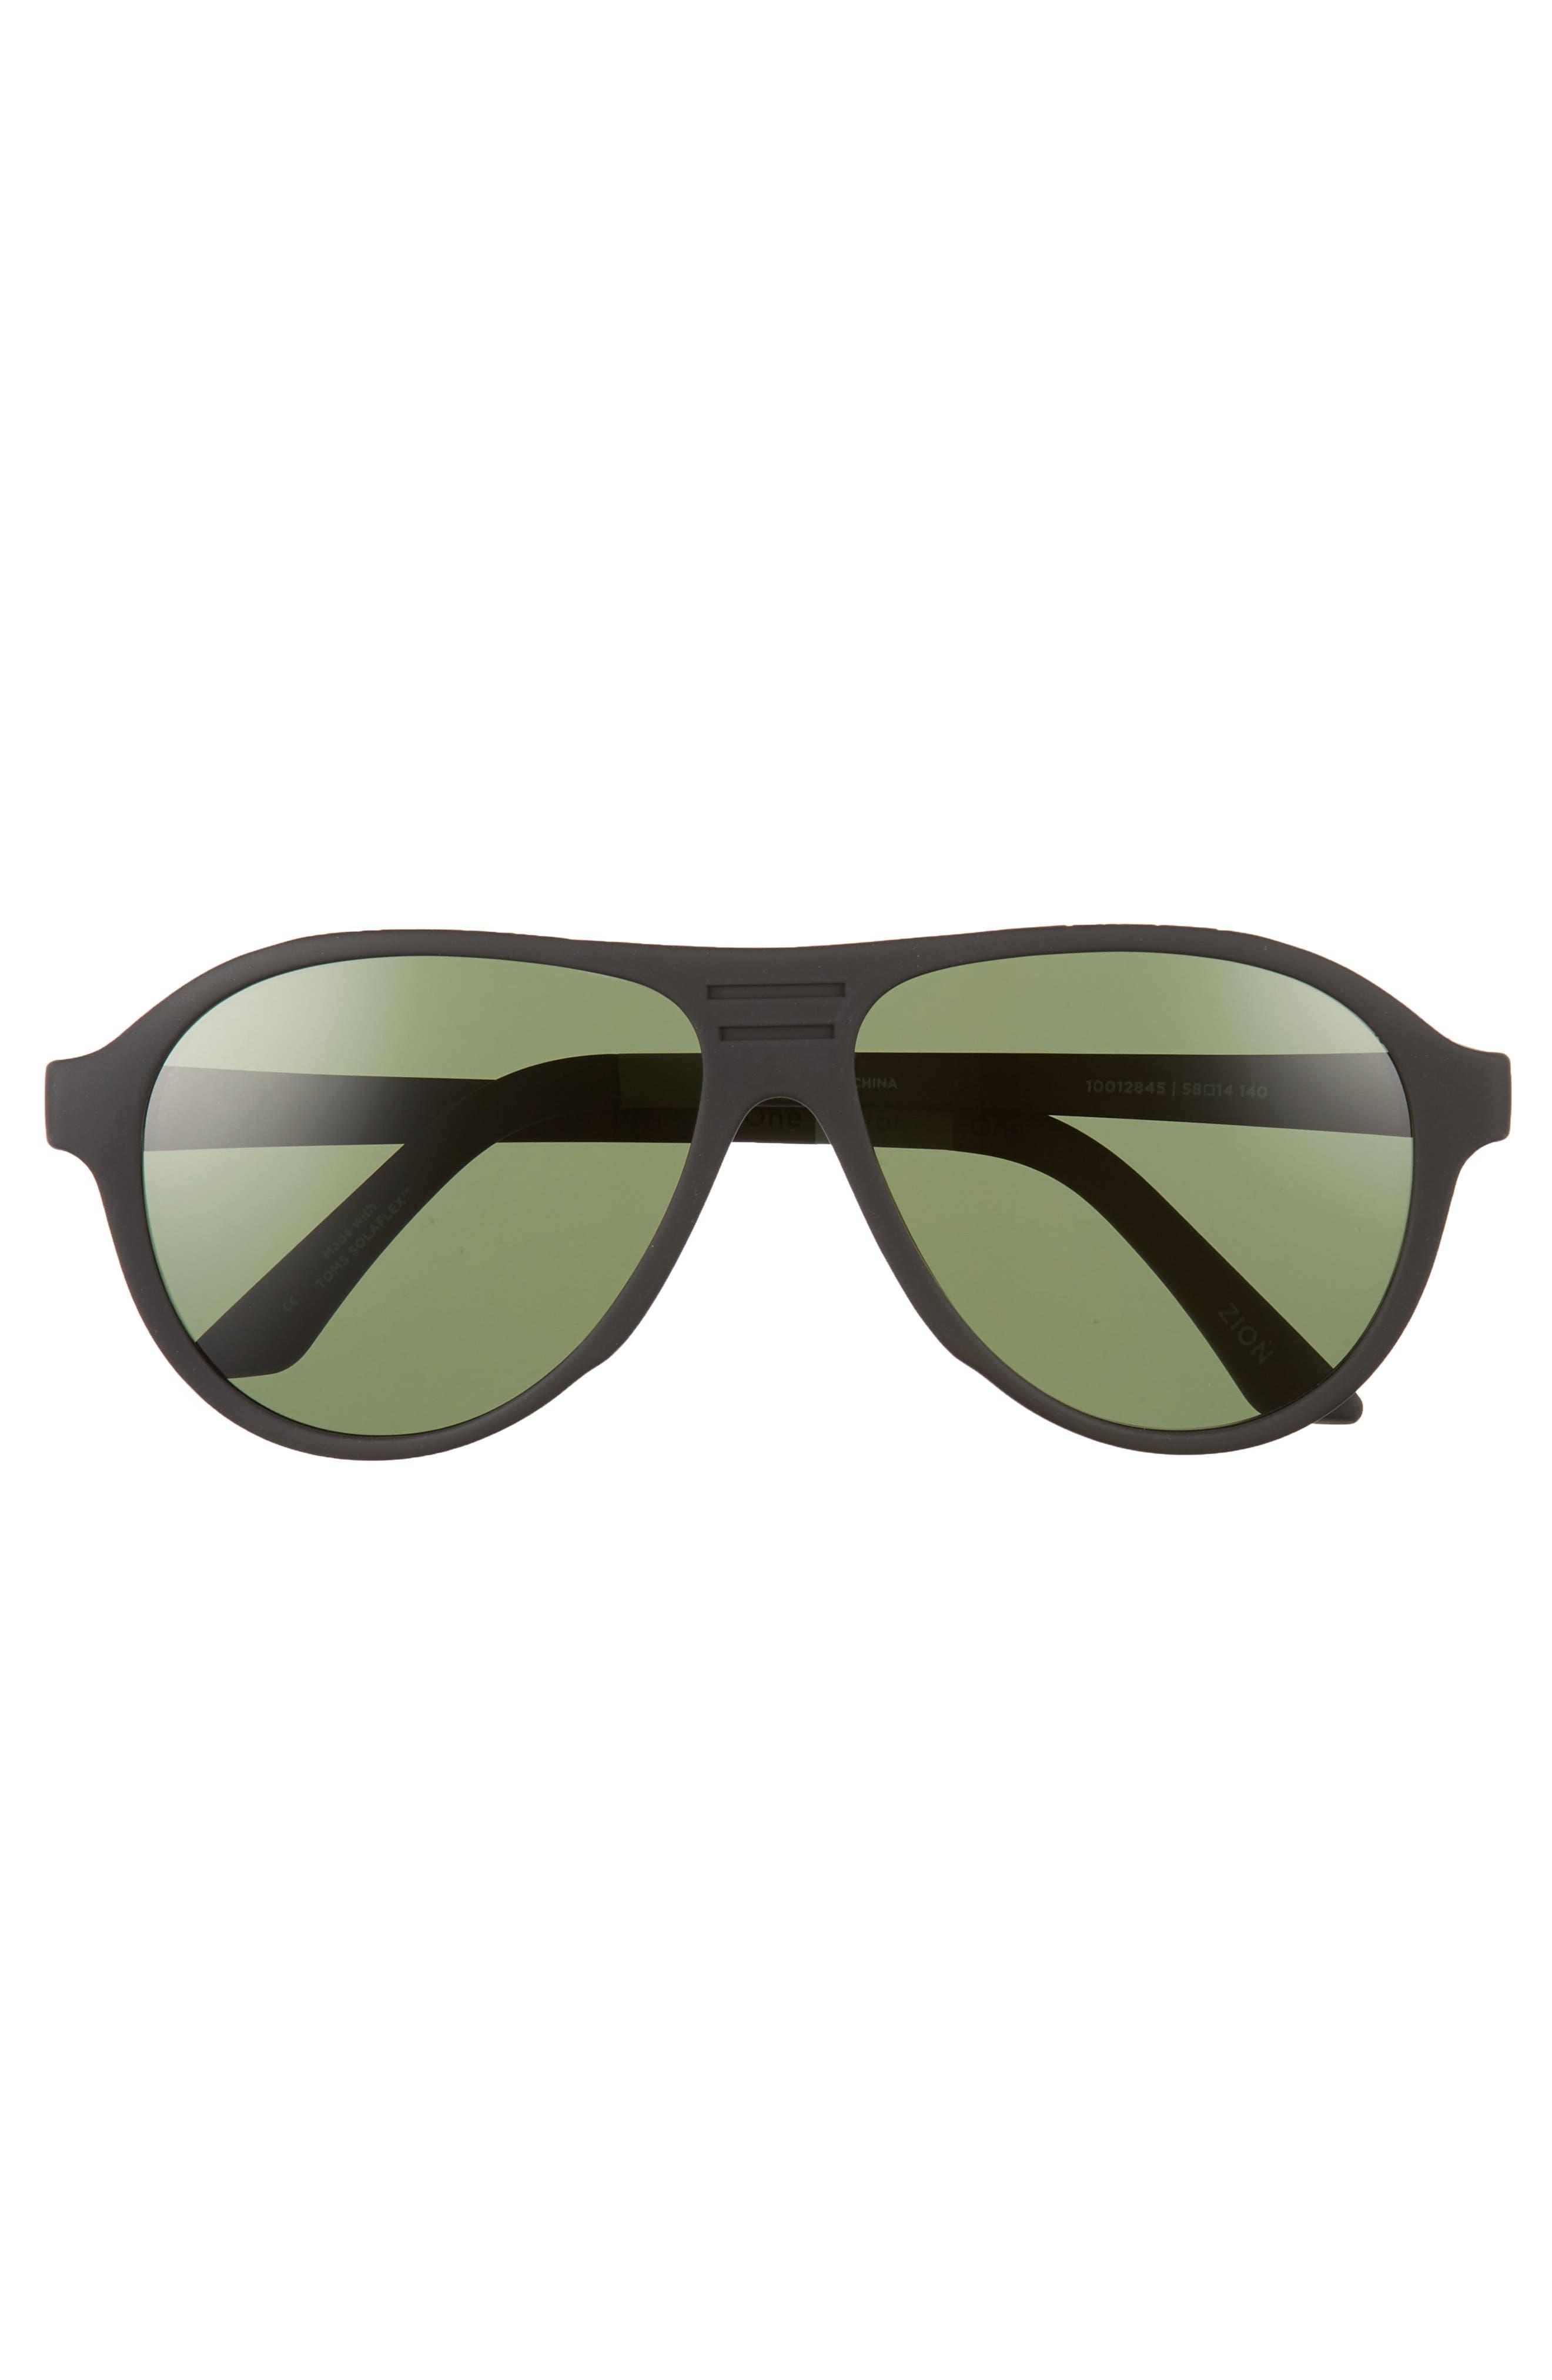 Traveler Zion 58mm Polarized Aviator Sunglasses,                             Alternate thumbnail 2, color,                             Matte Black/ Bottle Green